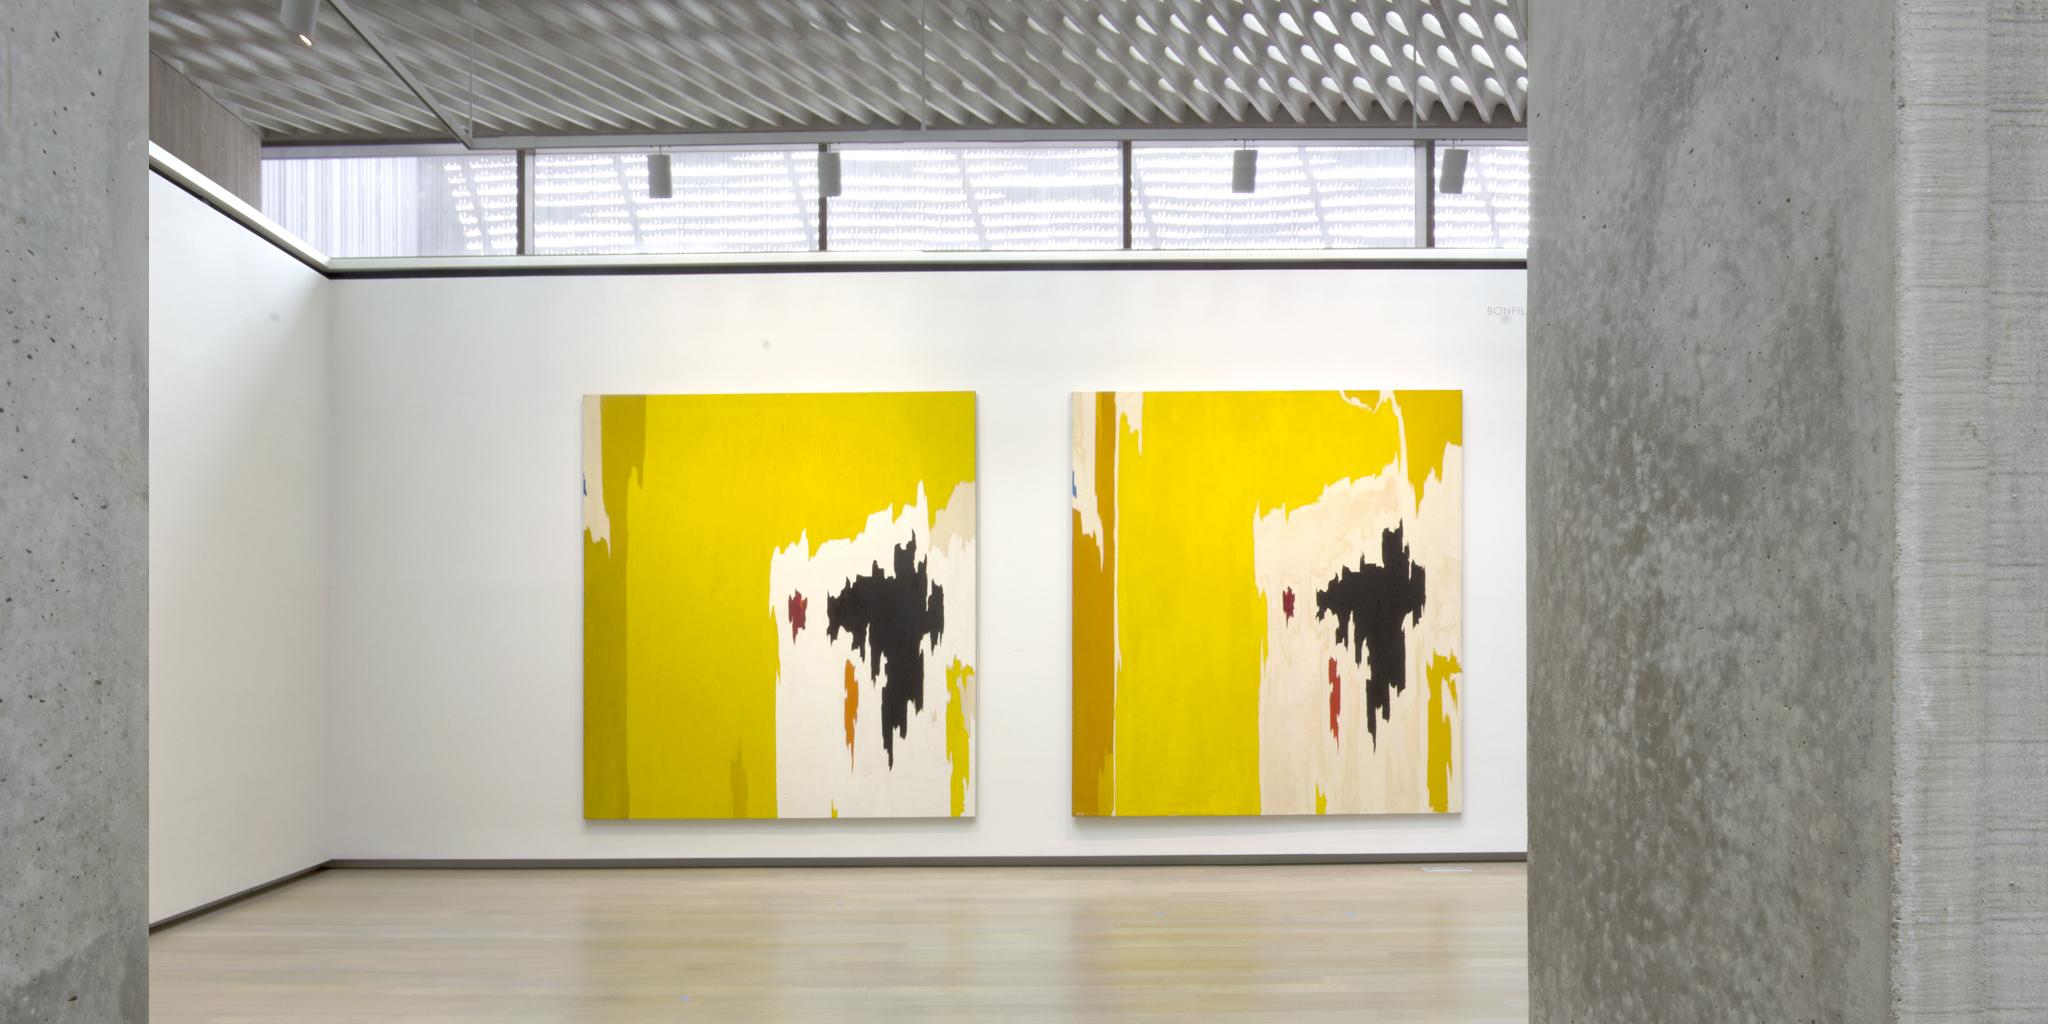 {L} Clyfford Still | PH-225 | Oil on Canvas | 115 x 104.75 in. | 1956 {R} Clyfford Still | PH-1074| Oil on Canvas | 117 x 108 in. | 1956-9 | ©City & County of Denver